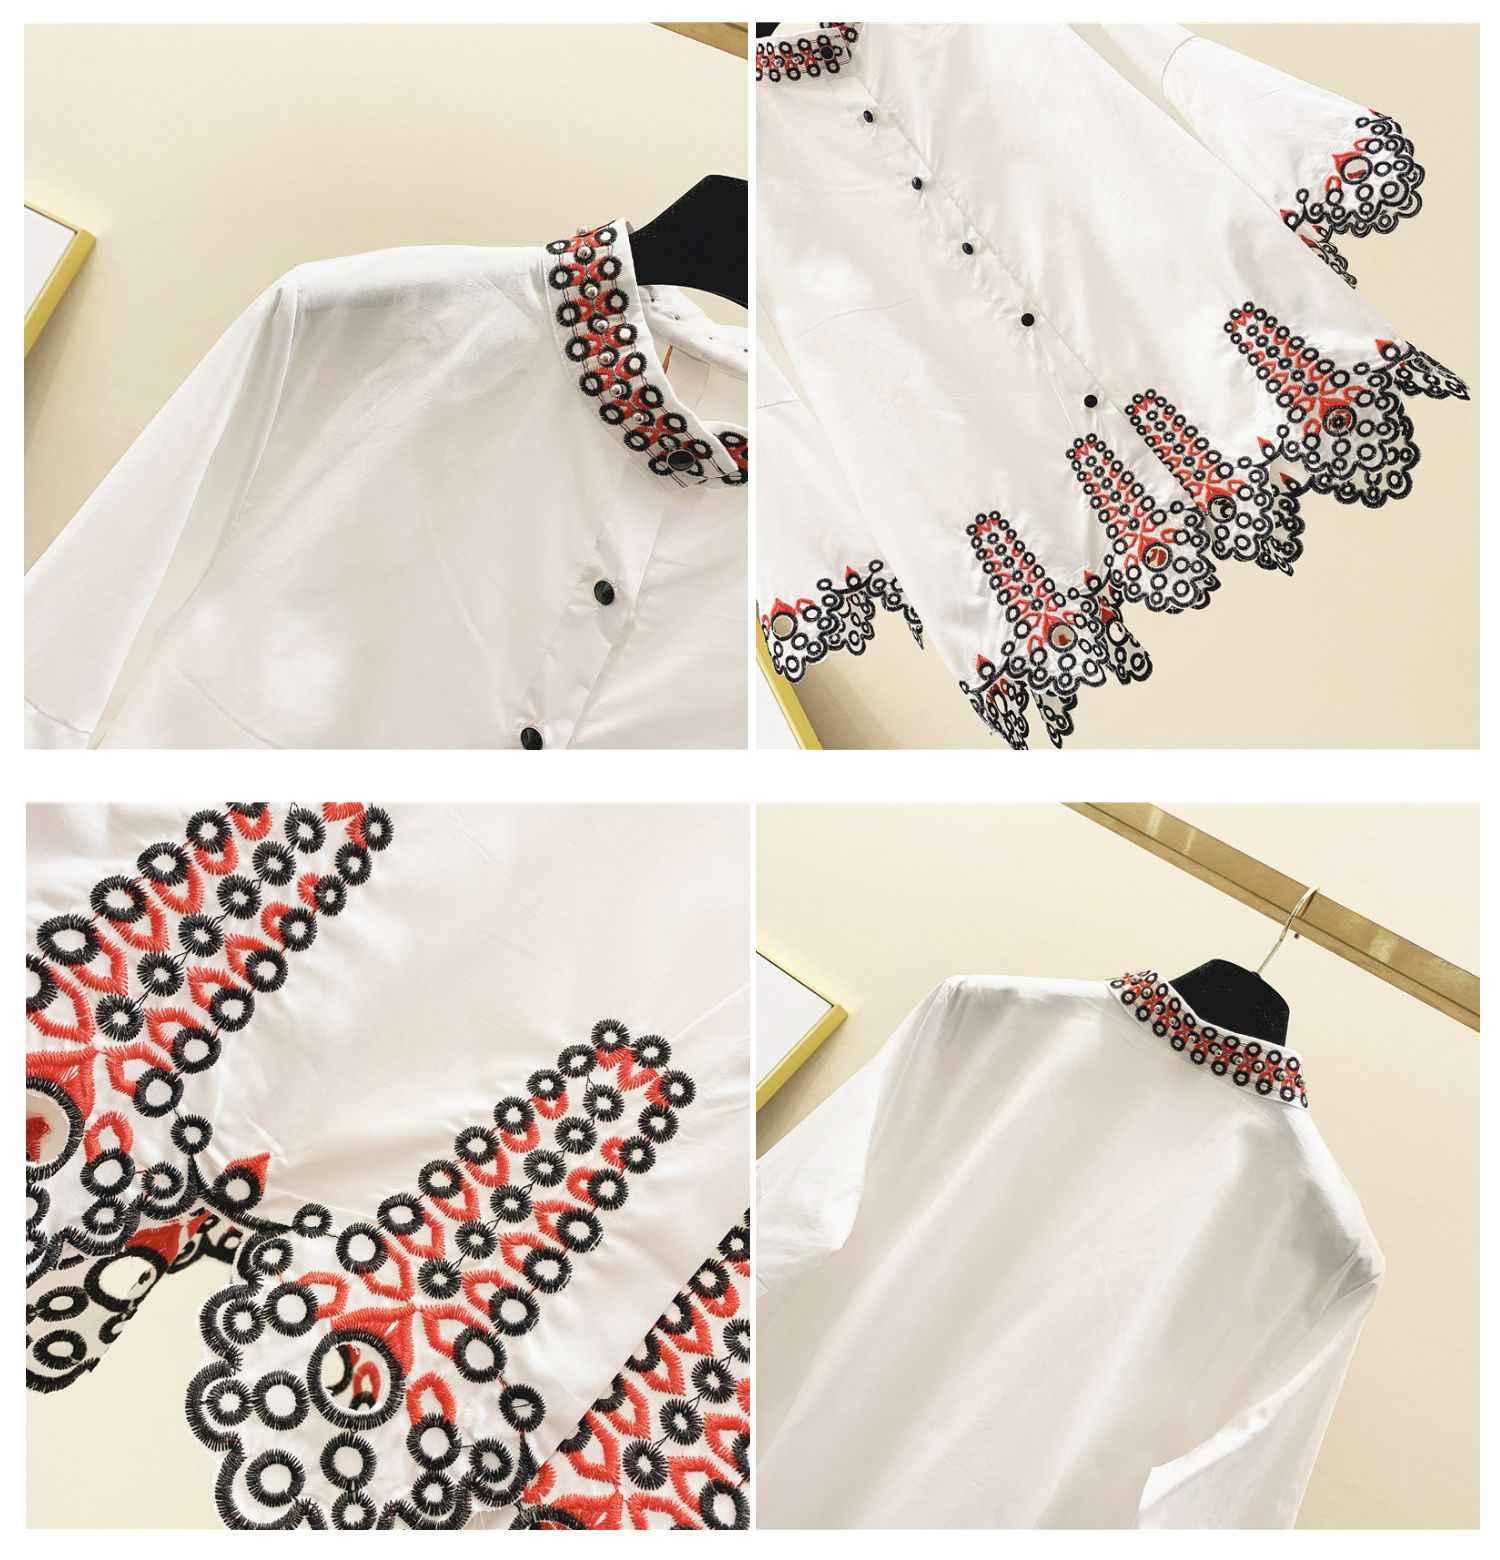 2020 primavera suelta-Fit Ruffle camisa mujeres de moda campana bordada-Manga blusas muñeca camisa chicas señoras blusa blanca mujeres Tops